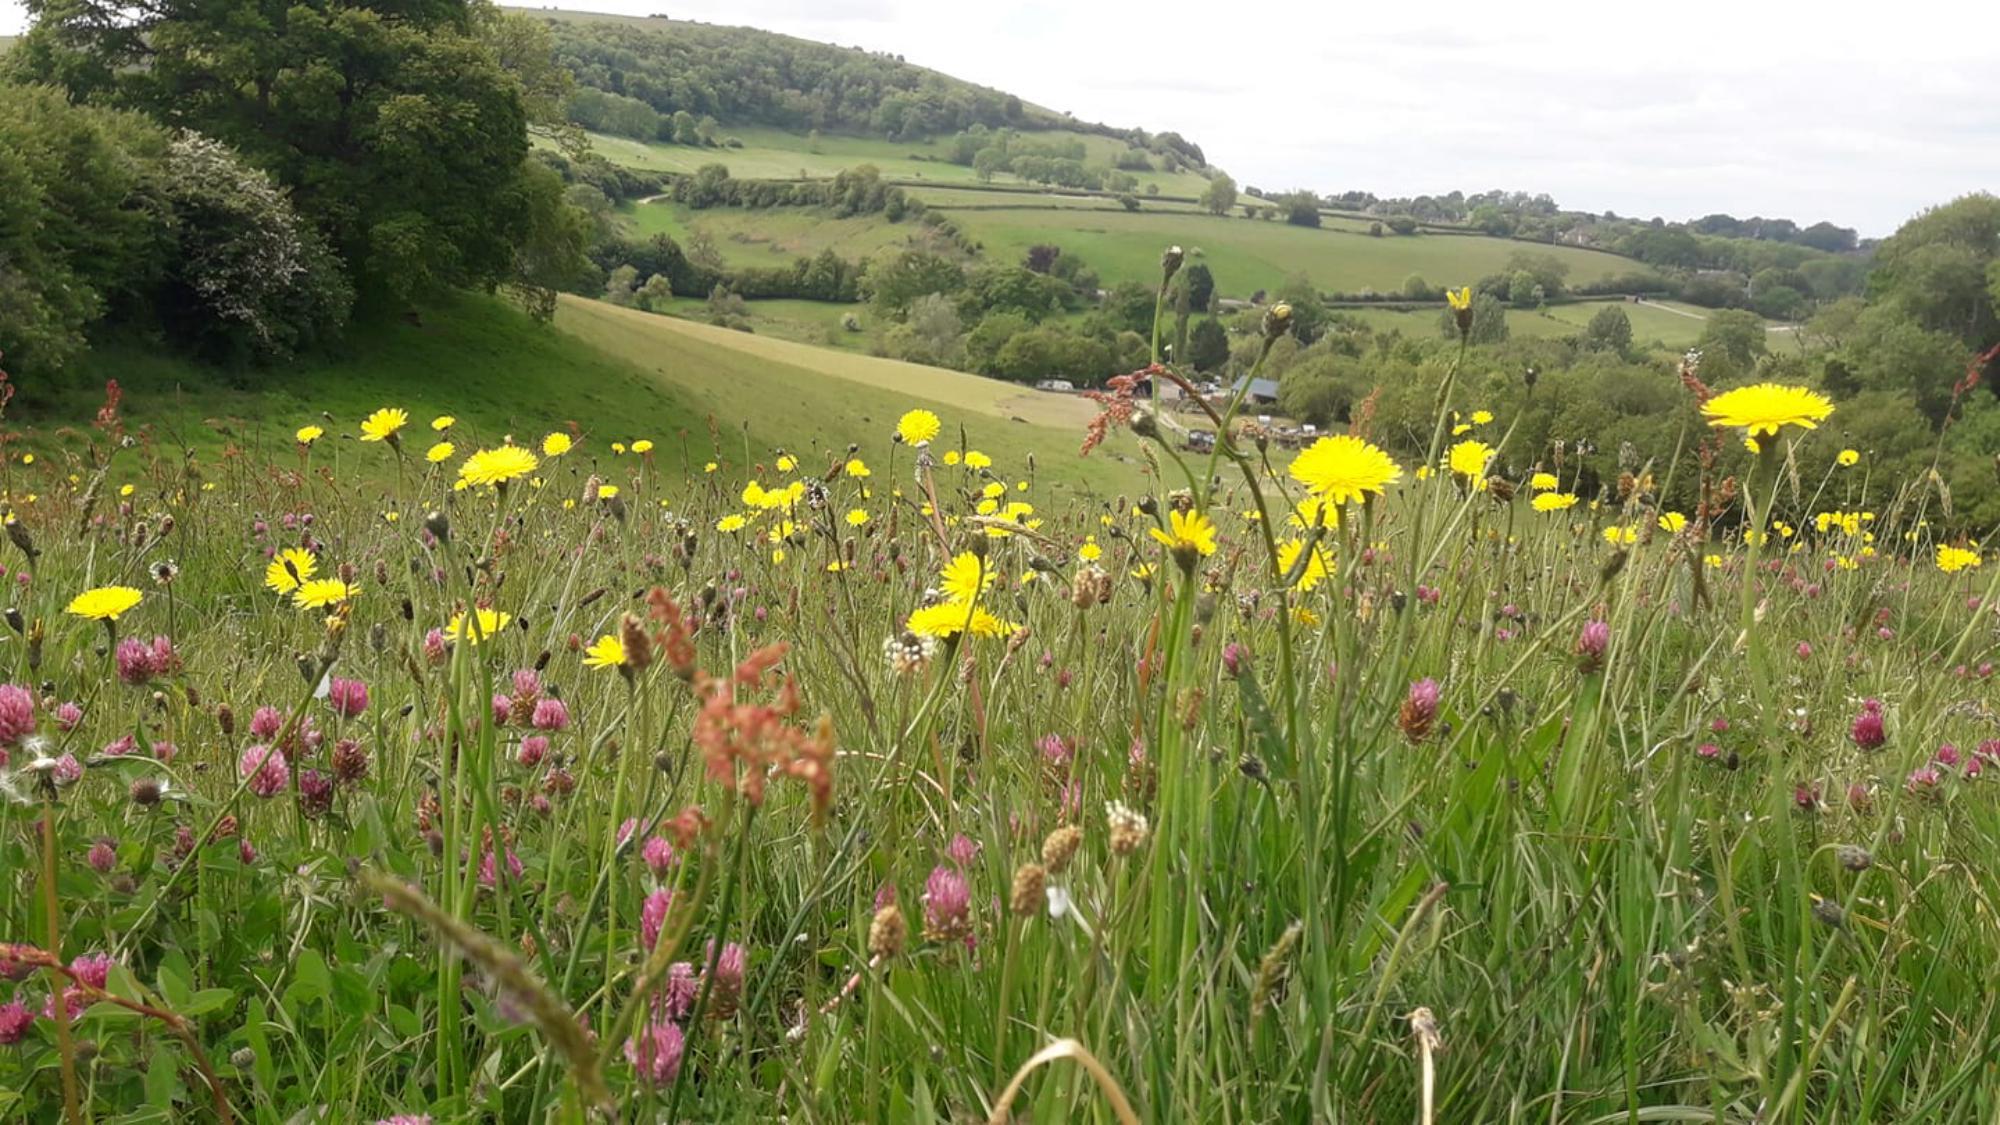 Campsites in Dorset – I Love This Campsite